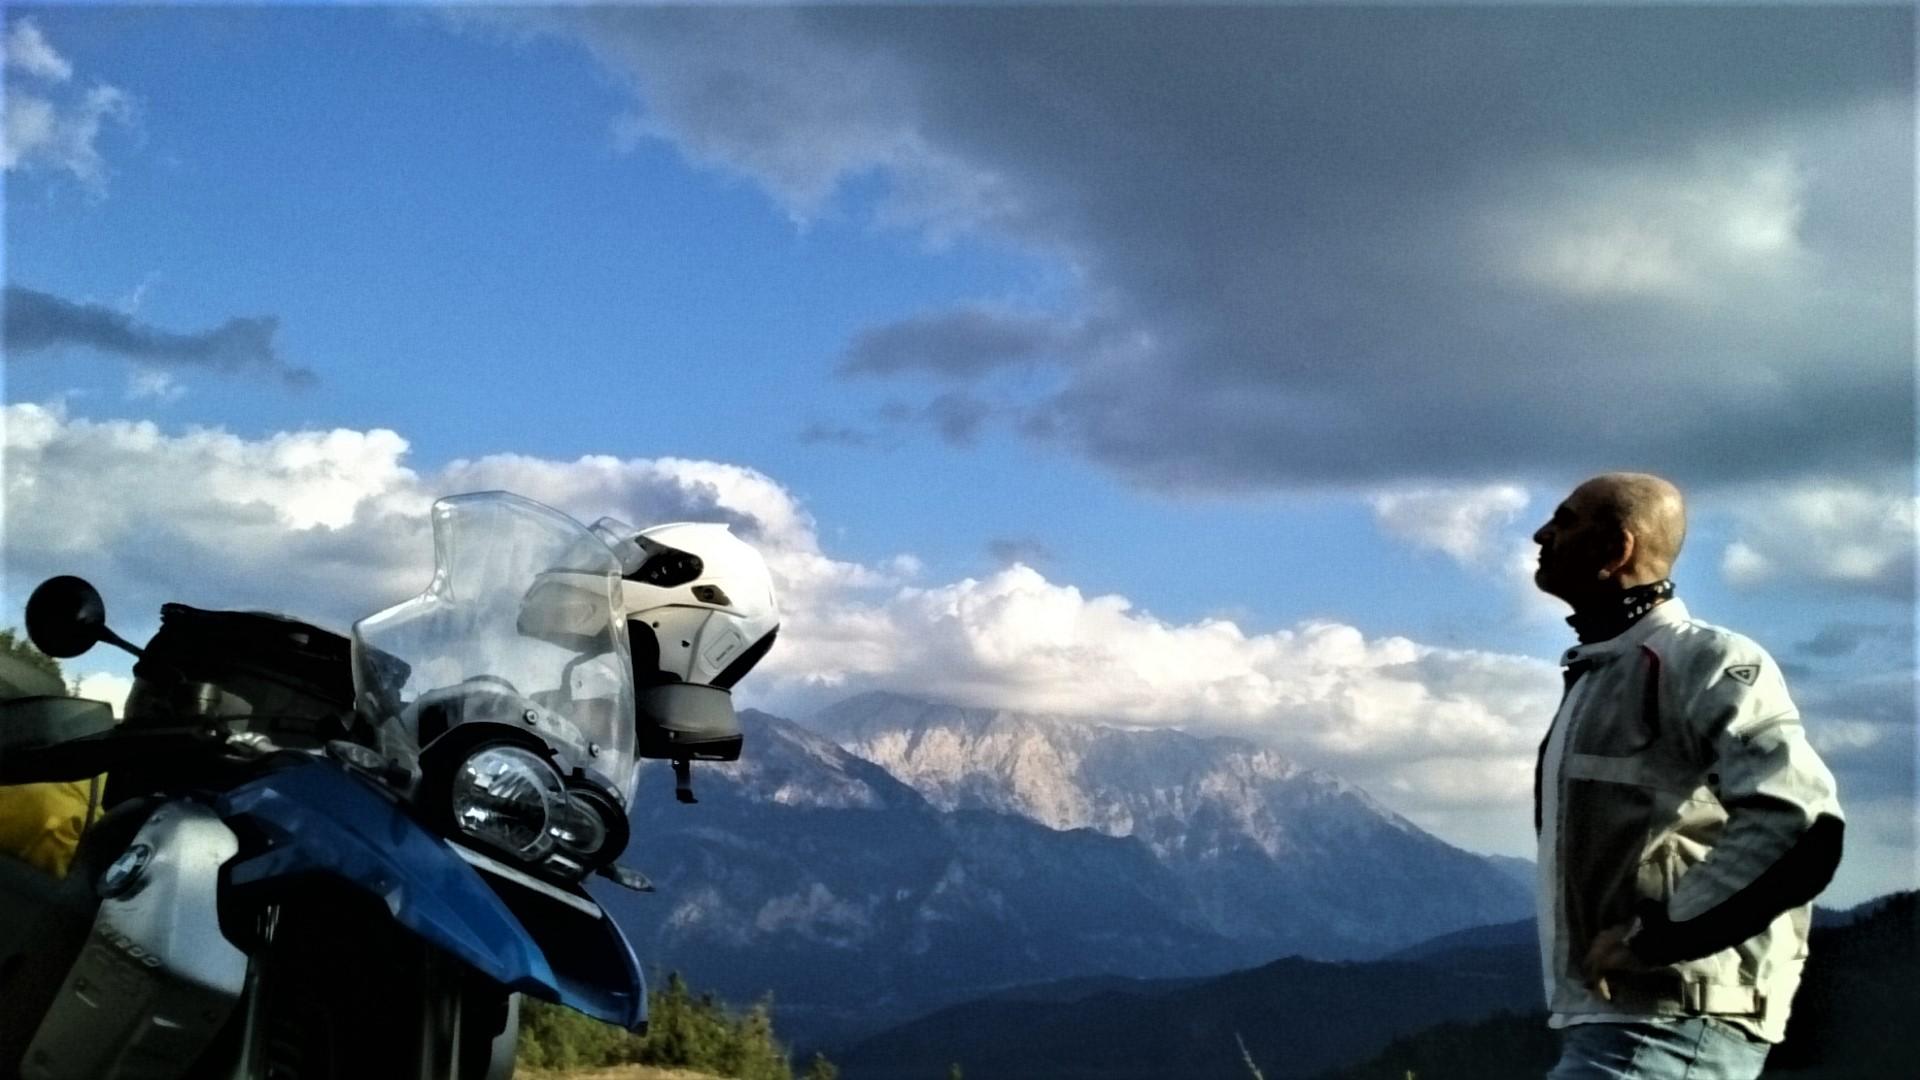 Ελληνικά βουνά, ταξίδι με μοτοσικλέτα, Κίσσαβος, Όλυμπος, Κράβαρα, Ορεινή Ναυπακτία, Βαρδούσια, Γκιώνα, Μαίναλο, Πίνδος, Ροδόπη, Παρνασσός, Παναχαίκό, Πάρνωνας